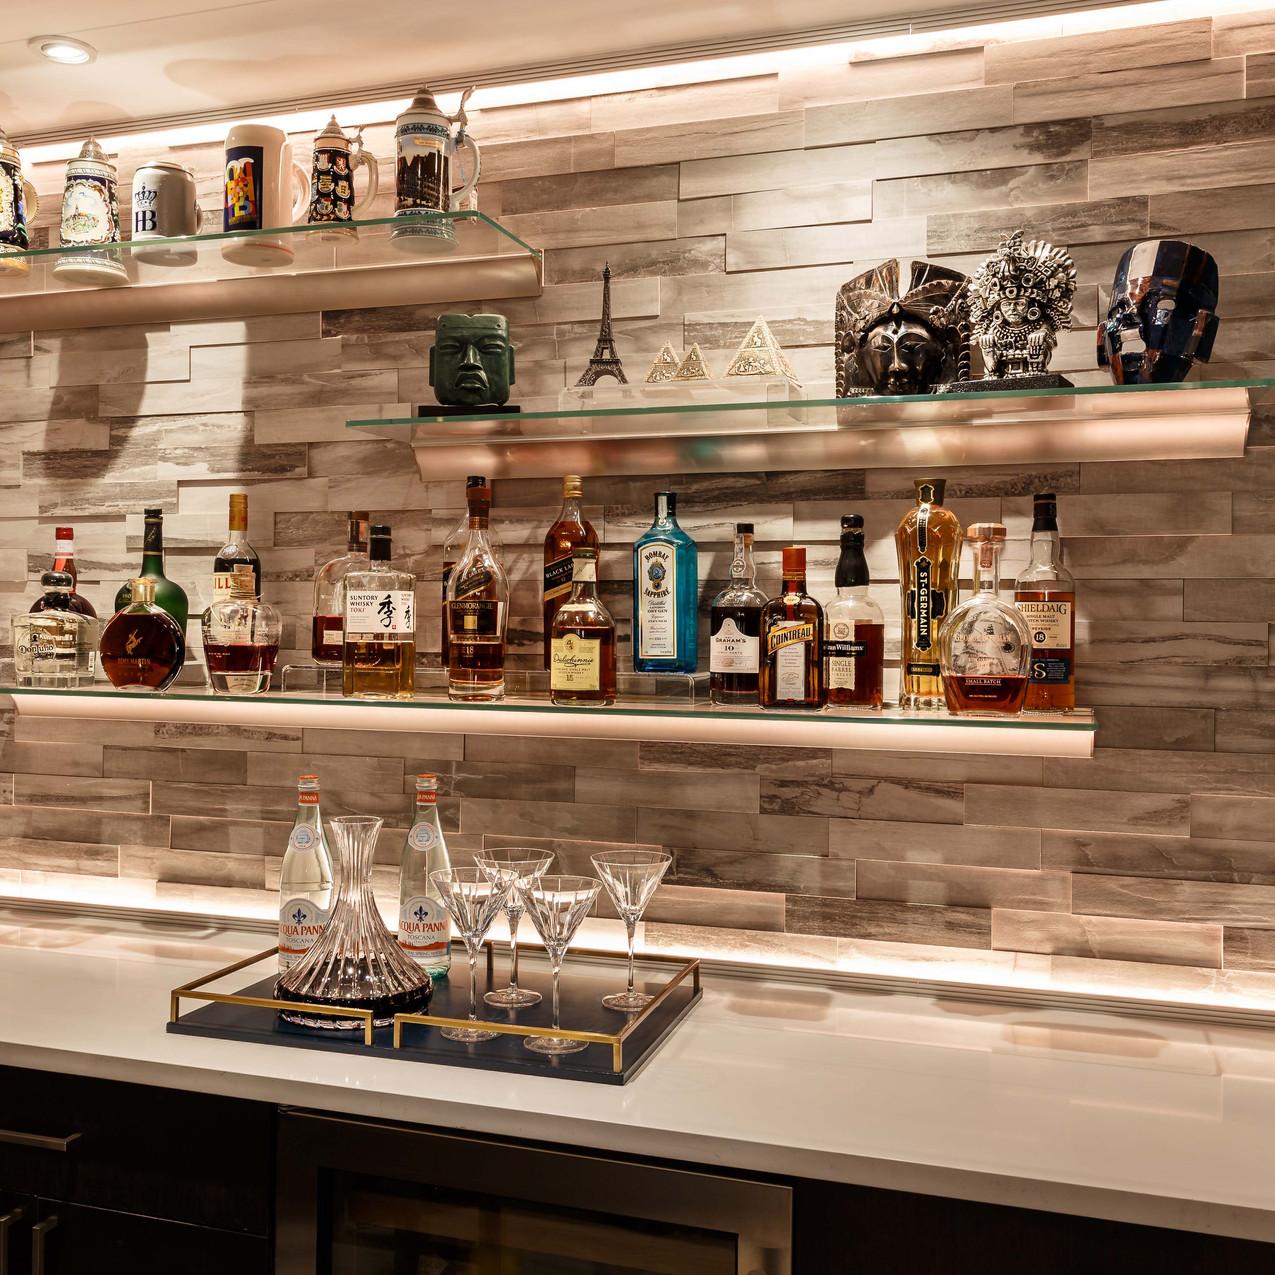 Levergood-bar-stone-all-shelves